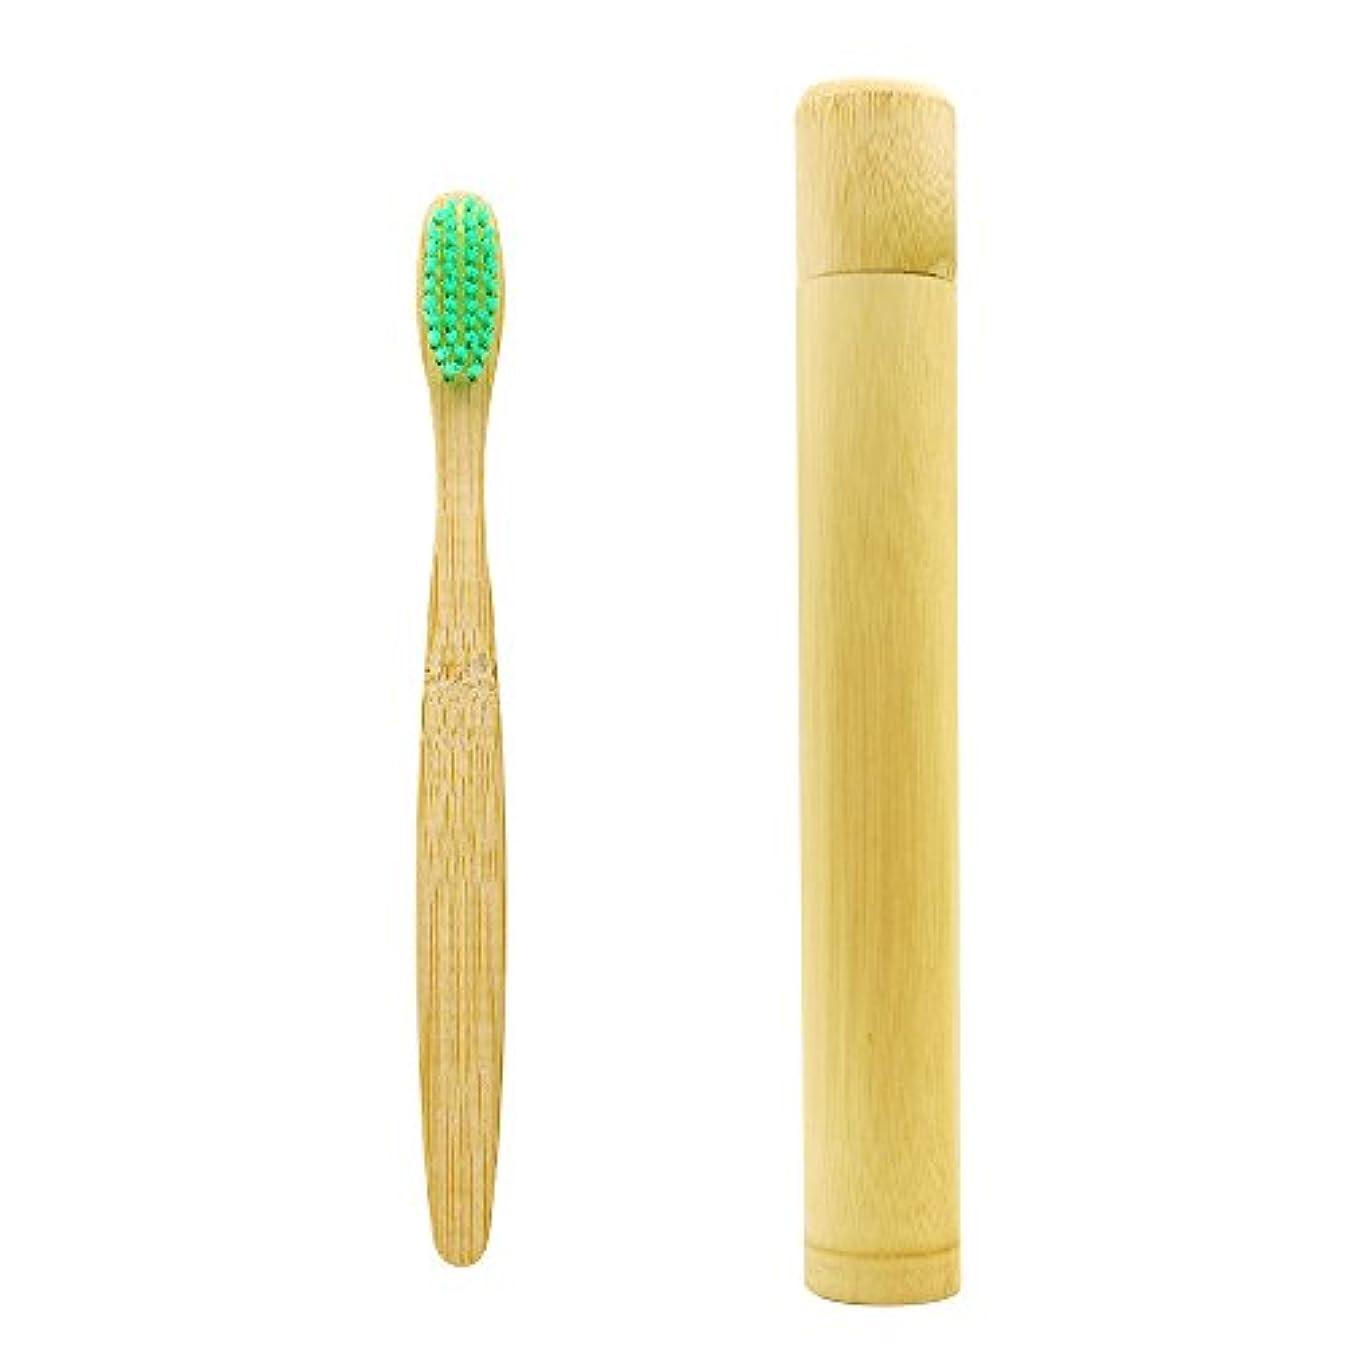 マット賛美歌涙N-amboo 歯ブラシ ケース付き 竹製 高耐久性 出張旅行携帯便利 エコ